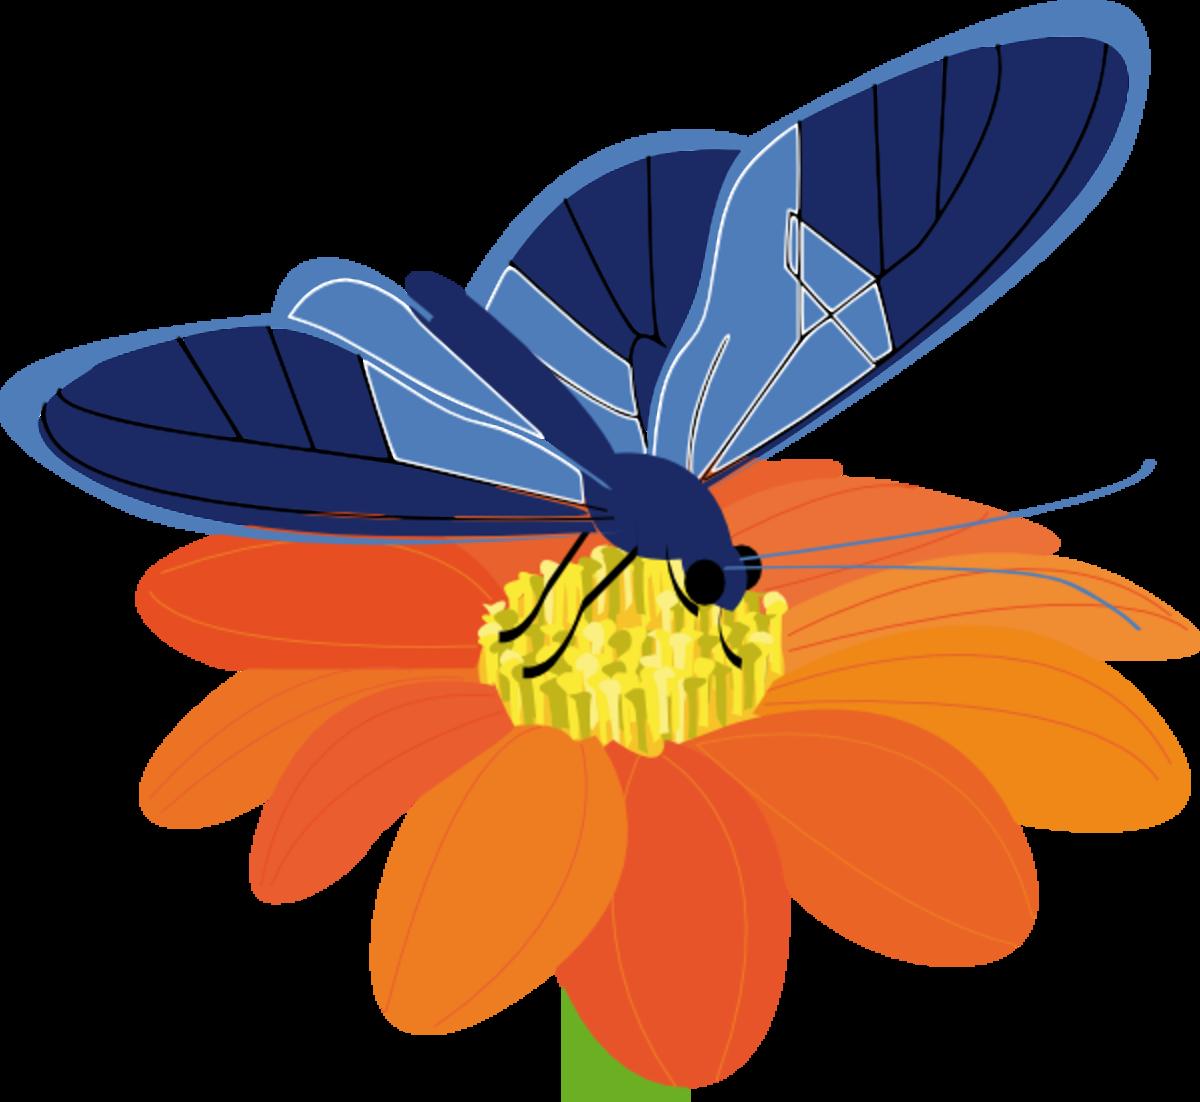 Blue Butterfly on Orange Flower